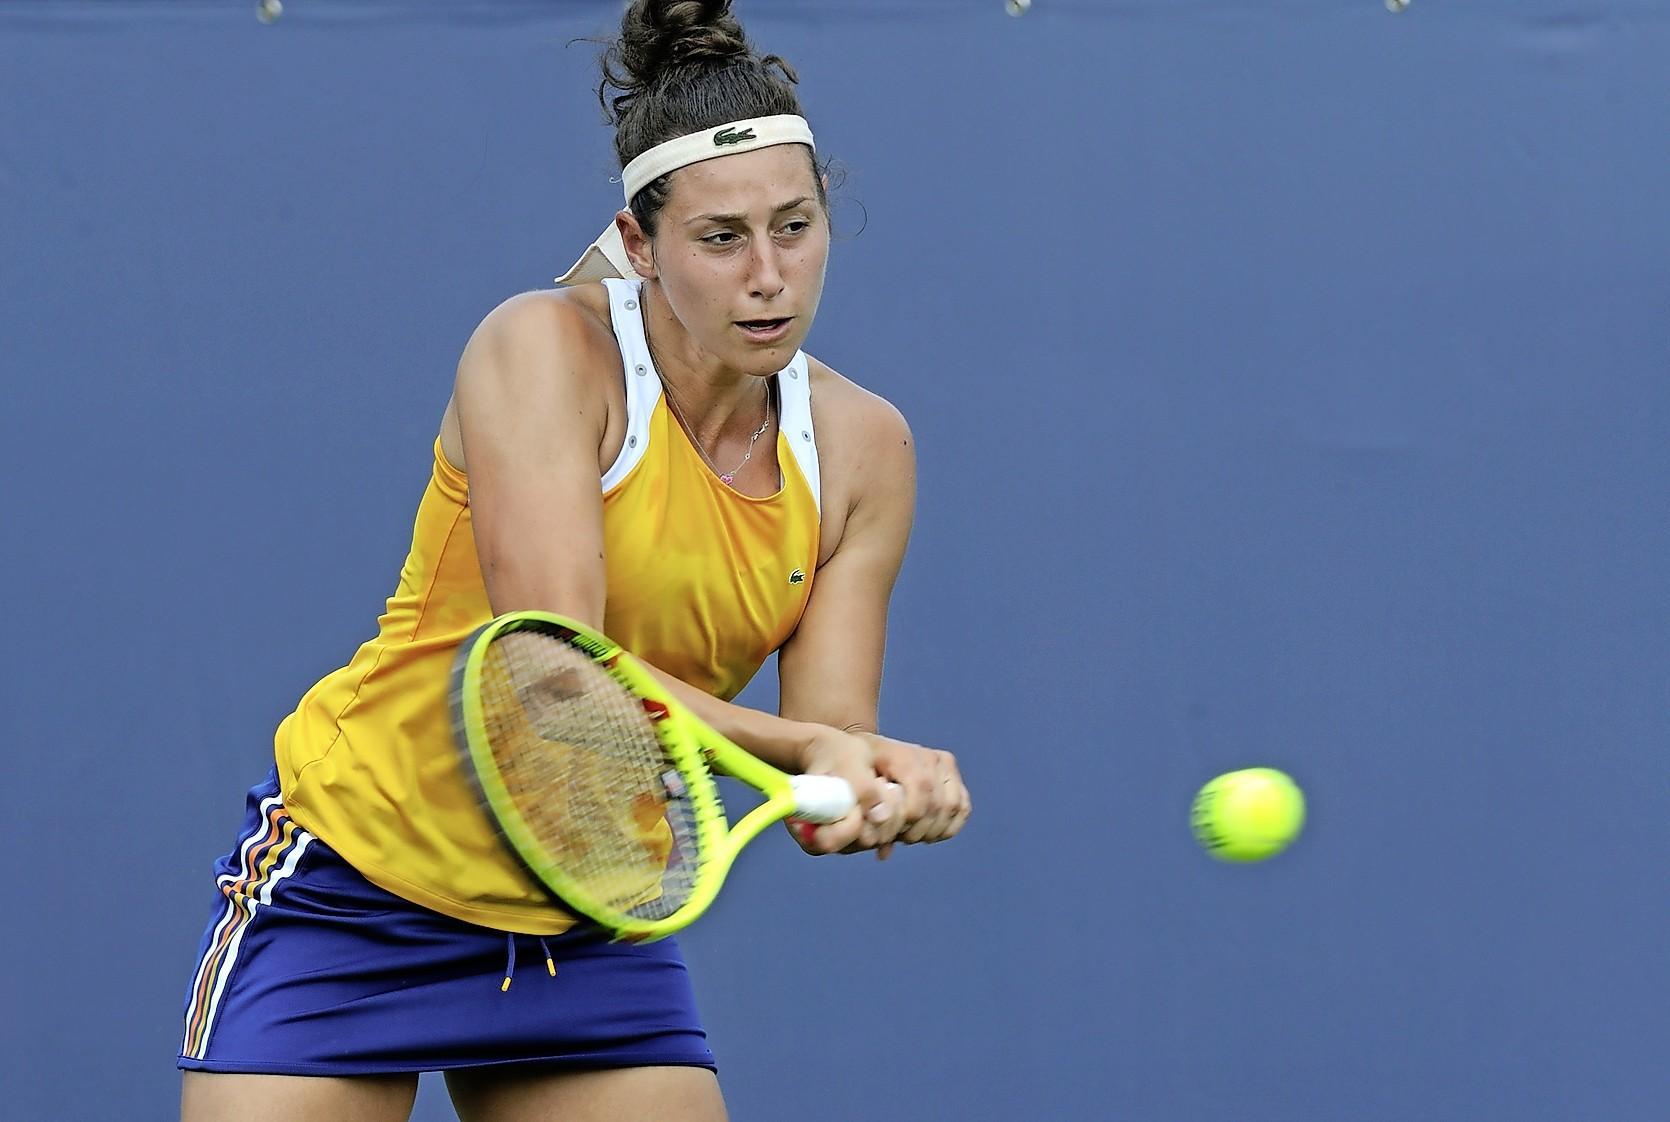 Leidse tennisster Rosalie van der Hoek (26) vliegt donderdag naar Melbourne om te debuteren op grandslamtoernooi